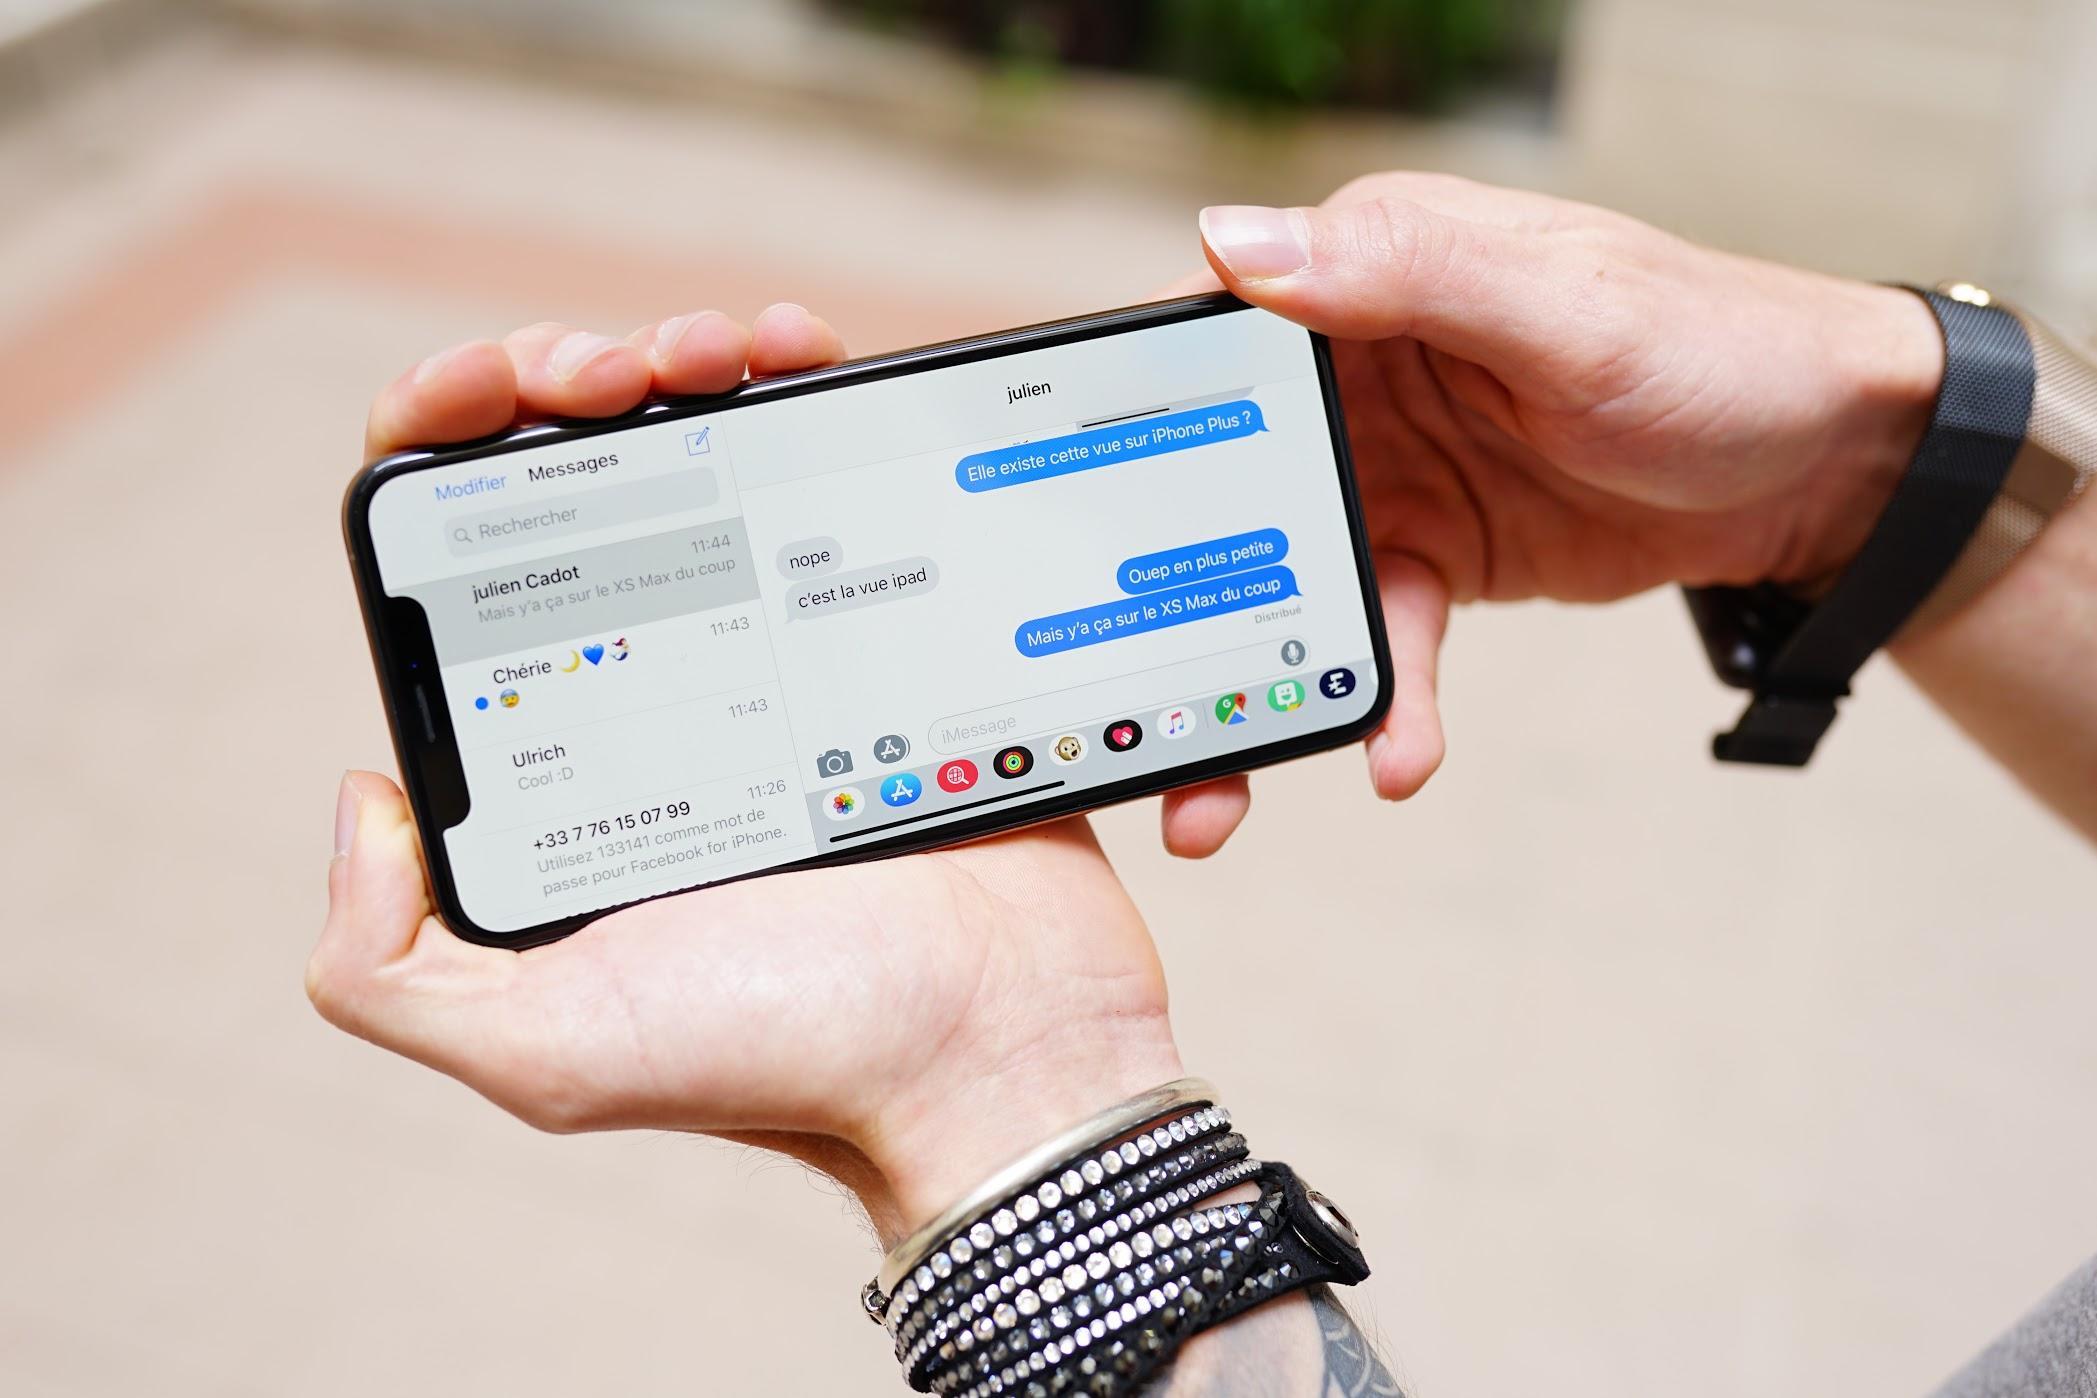 iPhone : cette astuce méconnue pour corriger une faute dans un message va changer votre vie